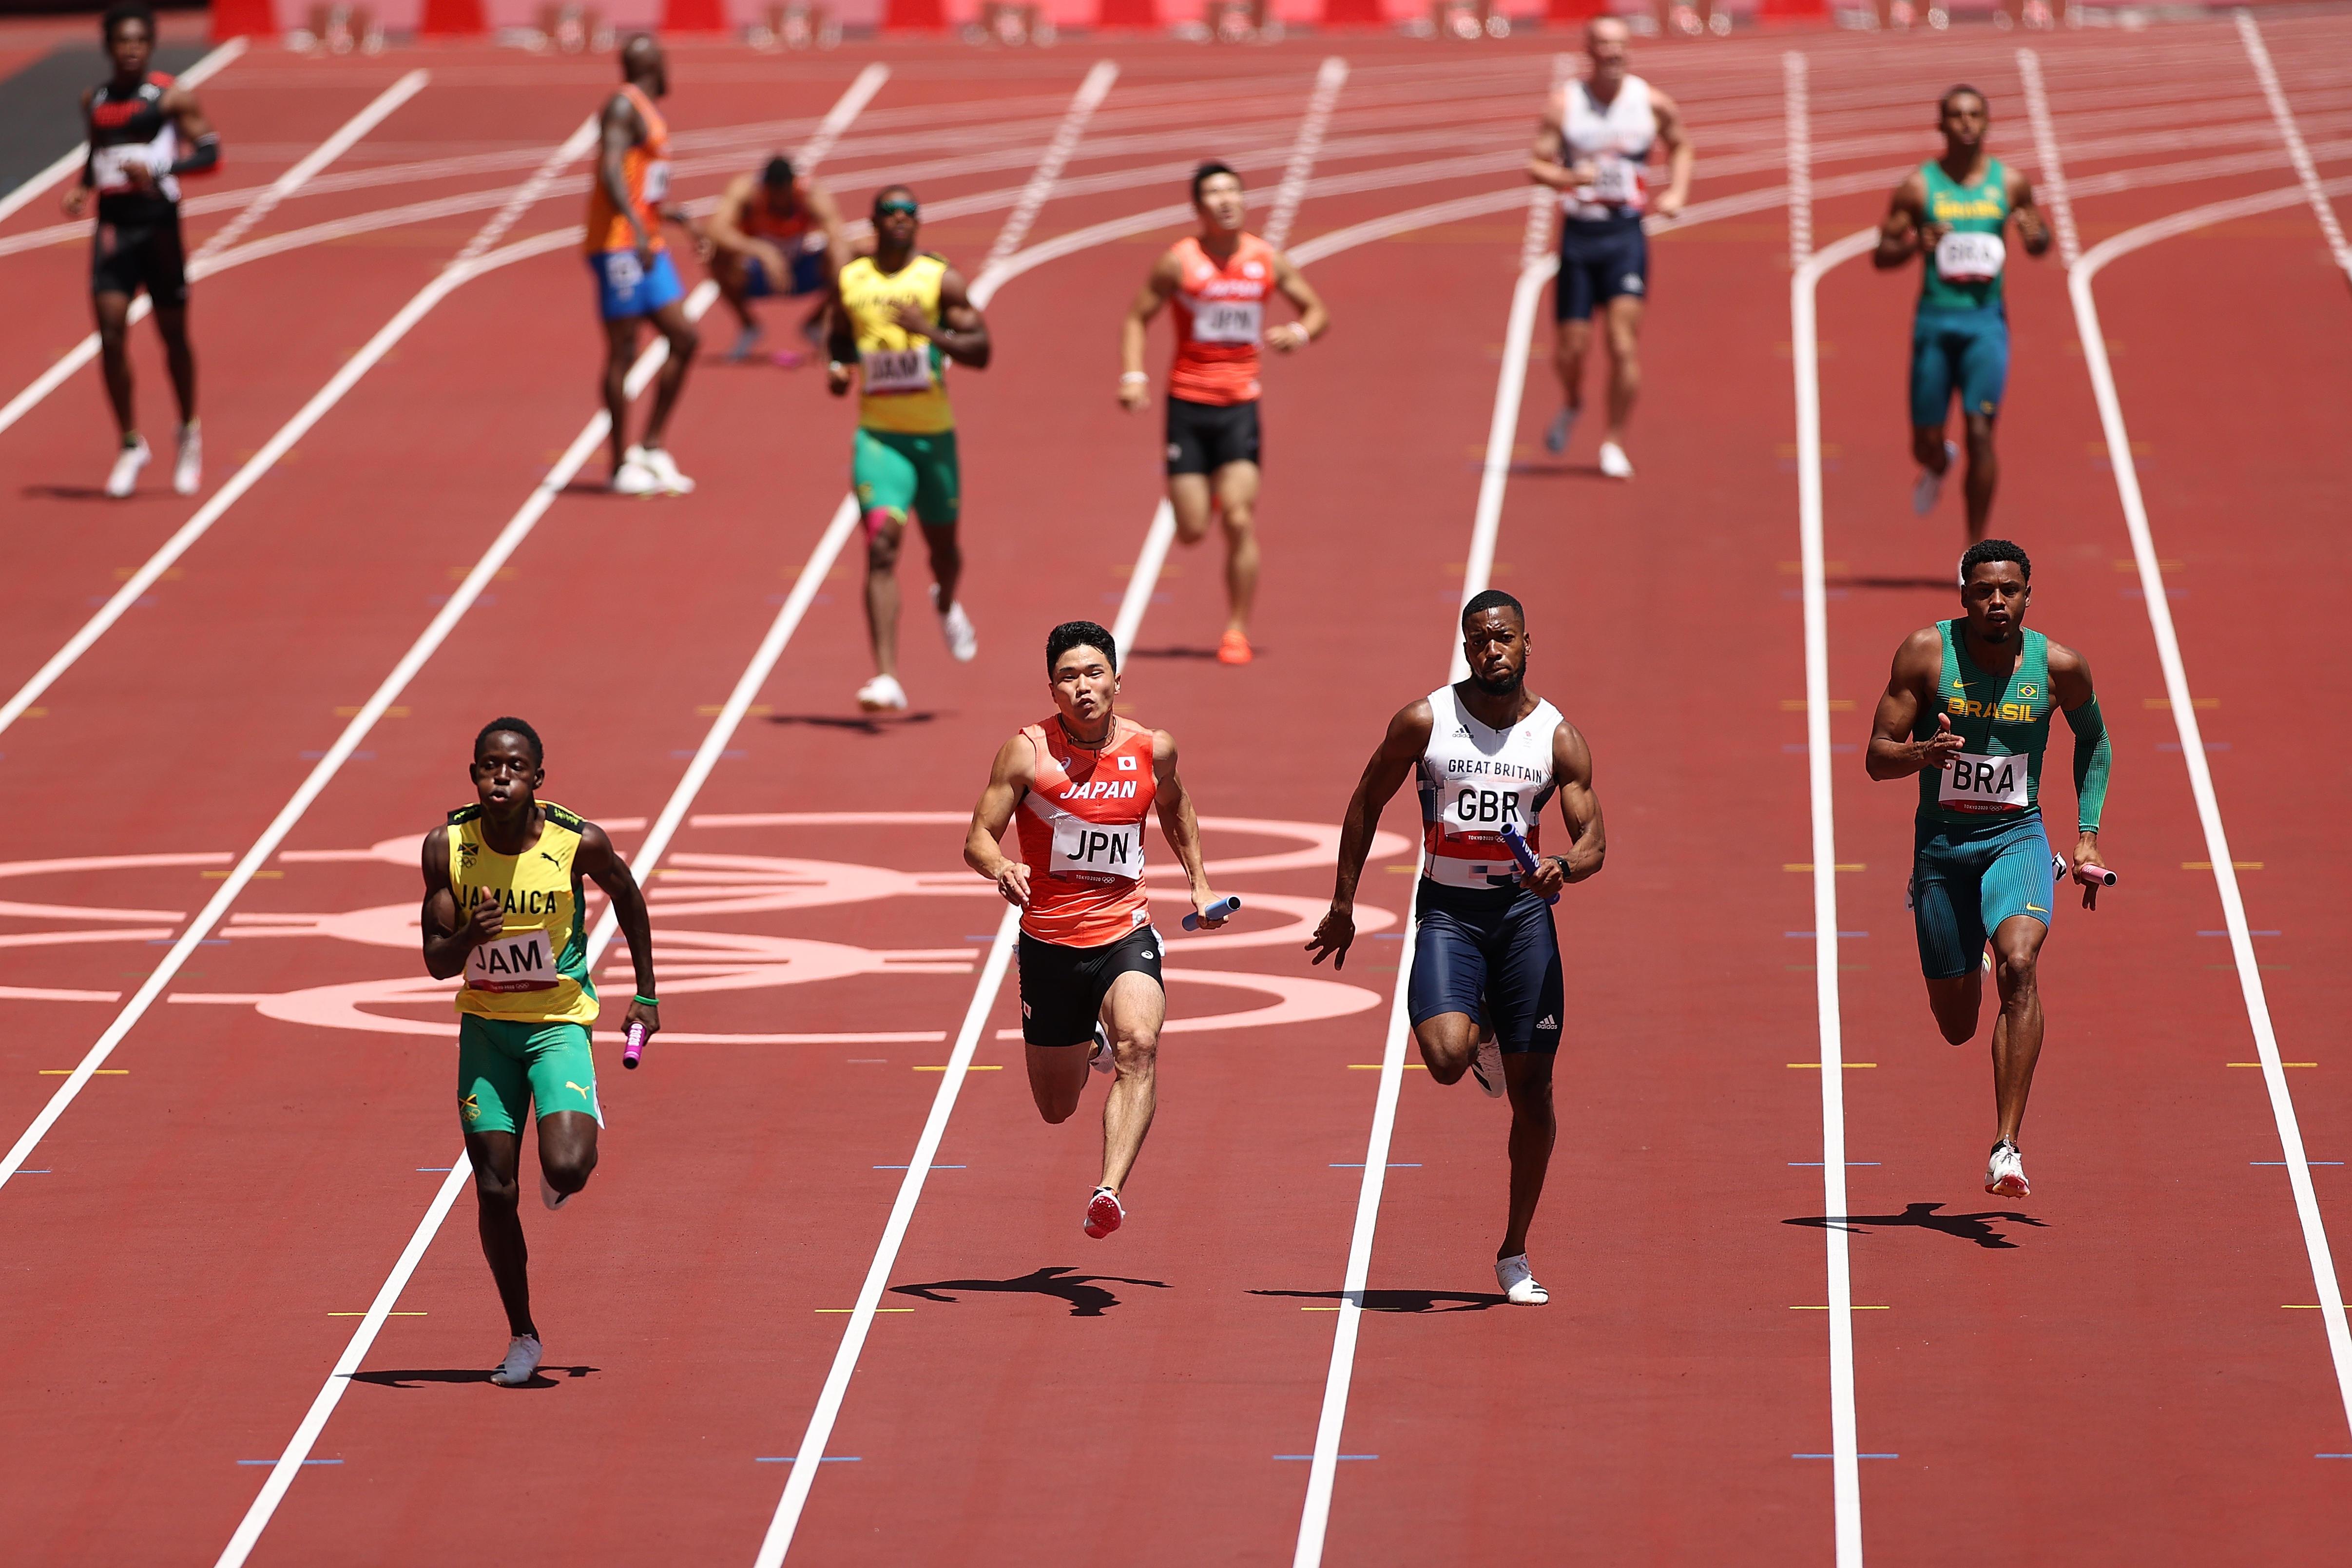 陸上男子4×100mリレー 日本は予選3着で決勝進出!米国がまさかの予選敗退